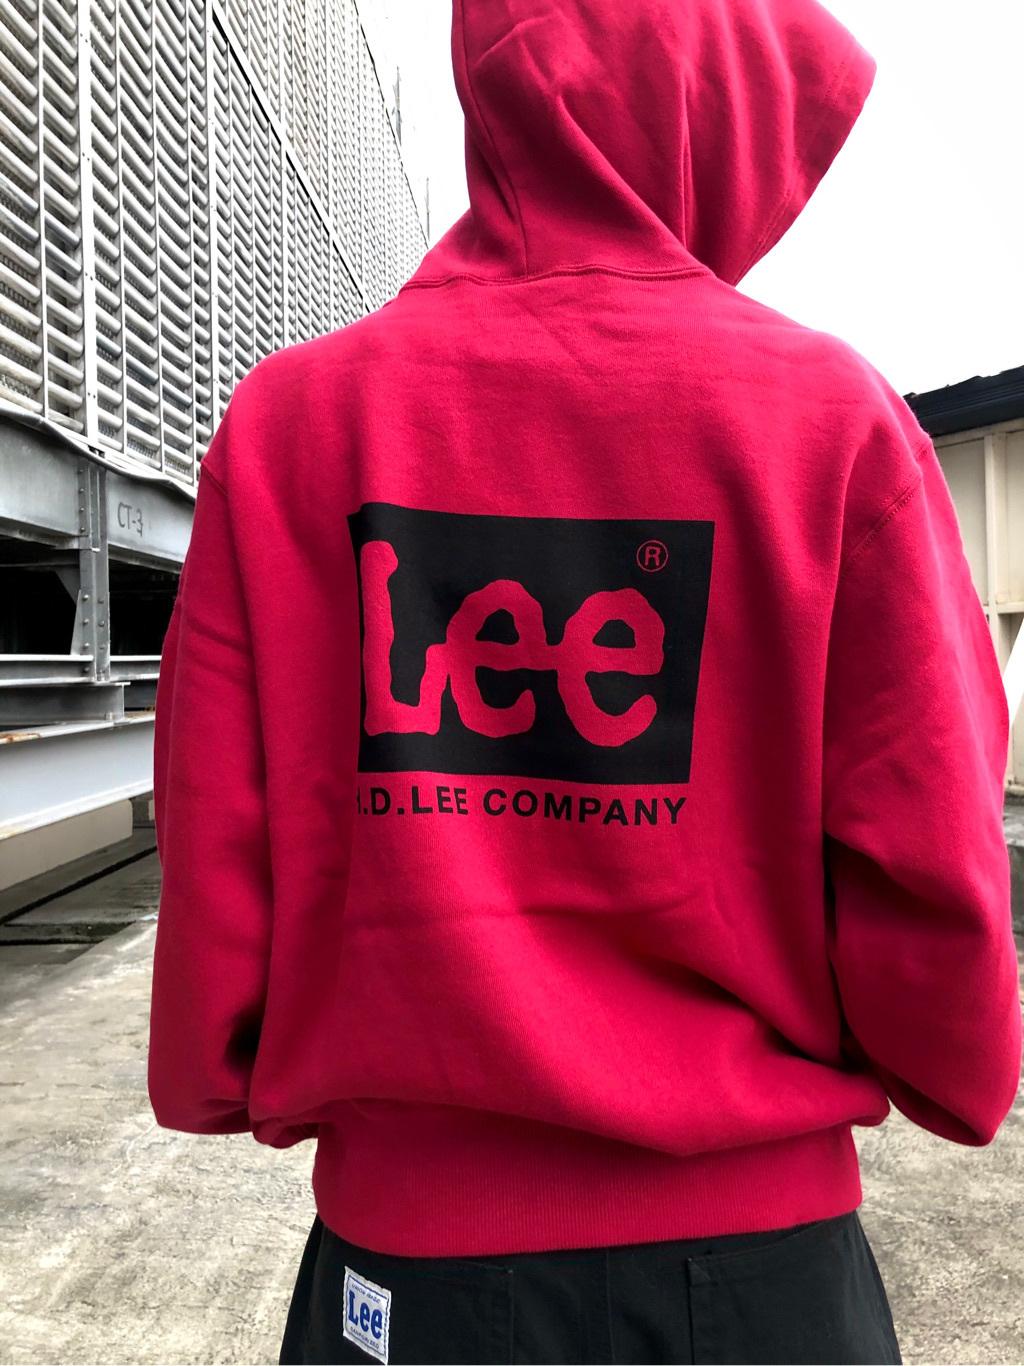 ルミネエスト新宿店のAzusaさんのLeeの【Pre sale】【ユニセックス】バックプリントロゴ パーカーを使ったコーディネート